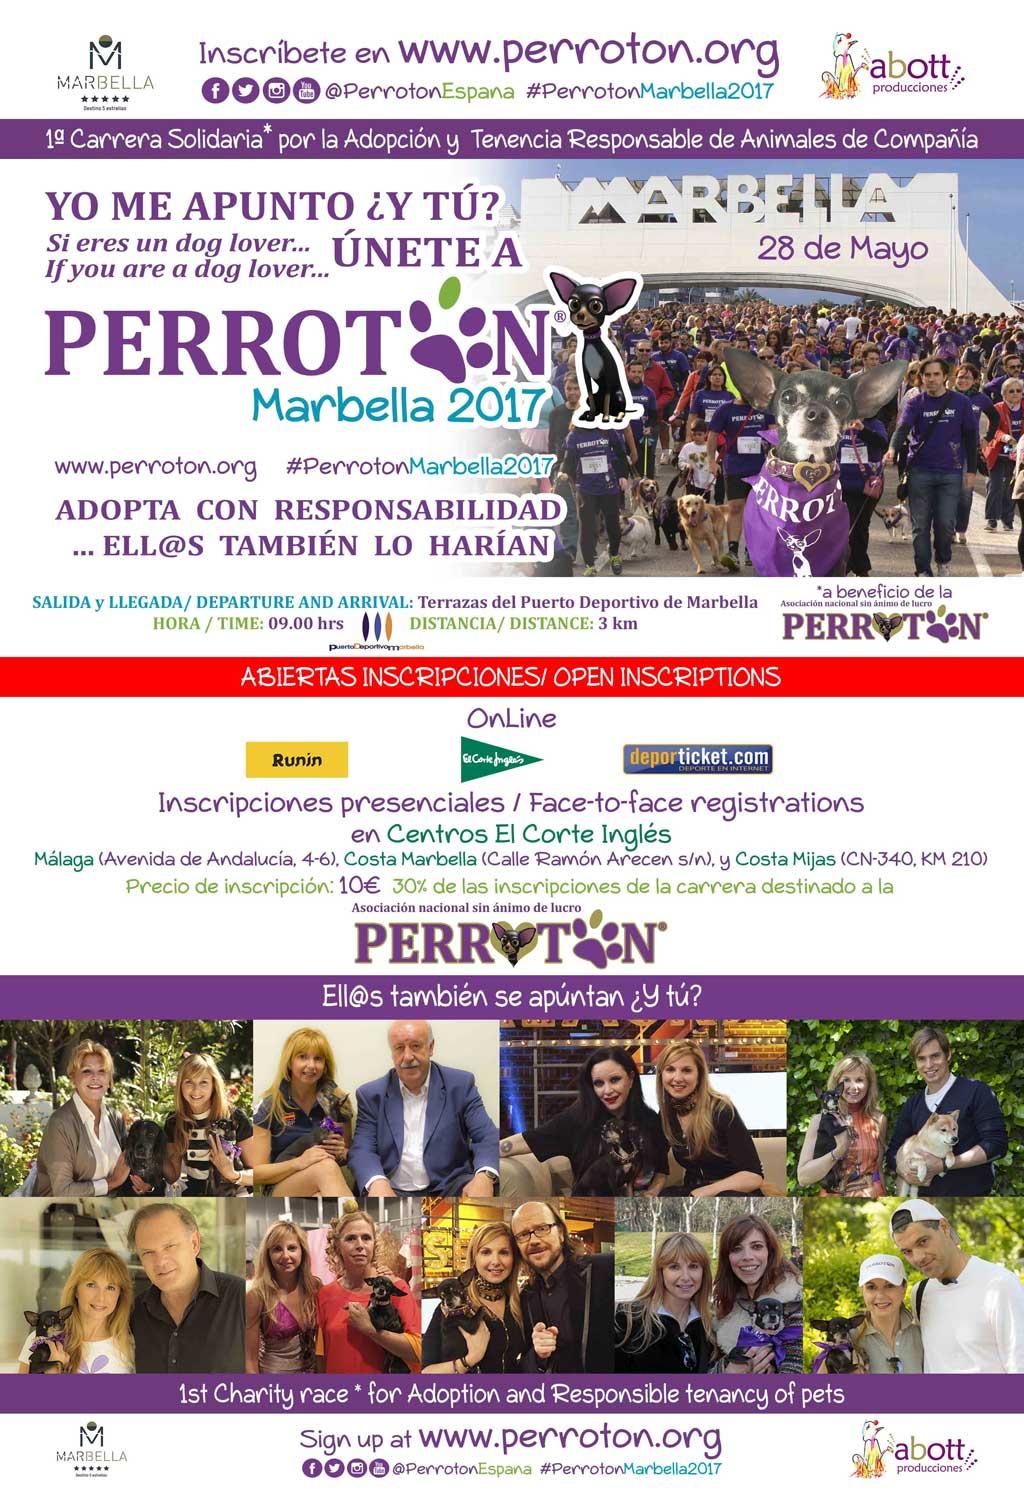 Perrotón Marbella 2017.